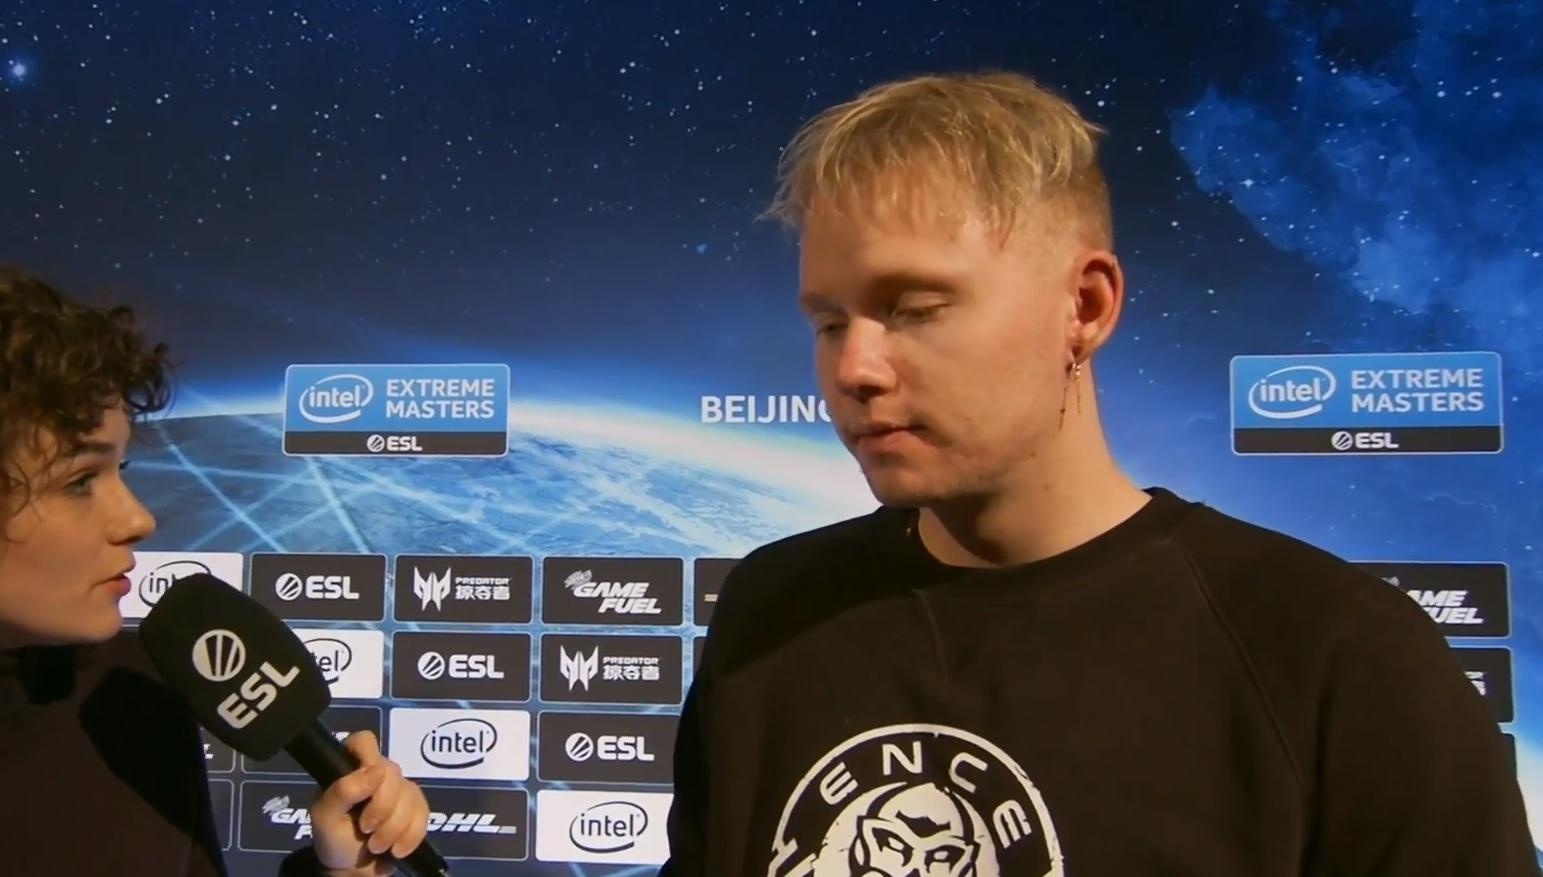 """Miikka """"suNny"""" Kemppiä ei haastattelu juuri kiinnostanut – Katso huvittava tilanne"""